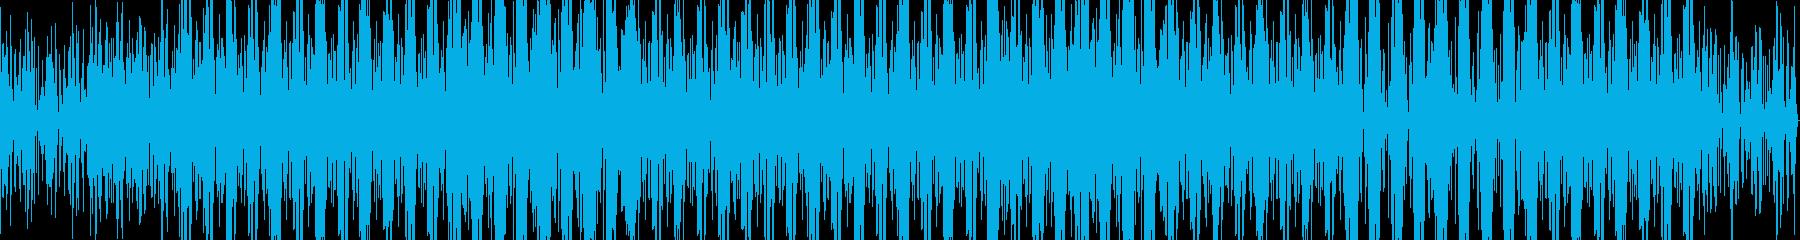 サルサ。の再生済みの波形